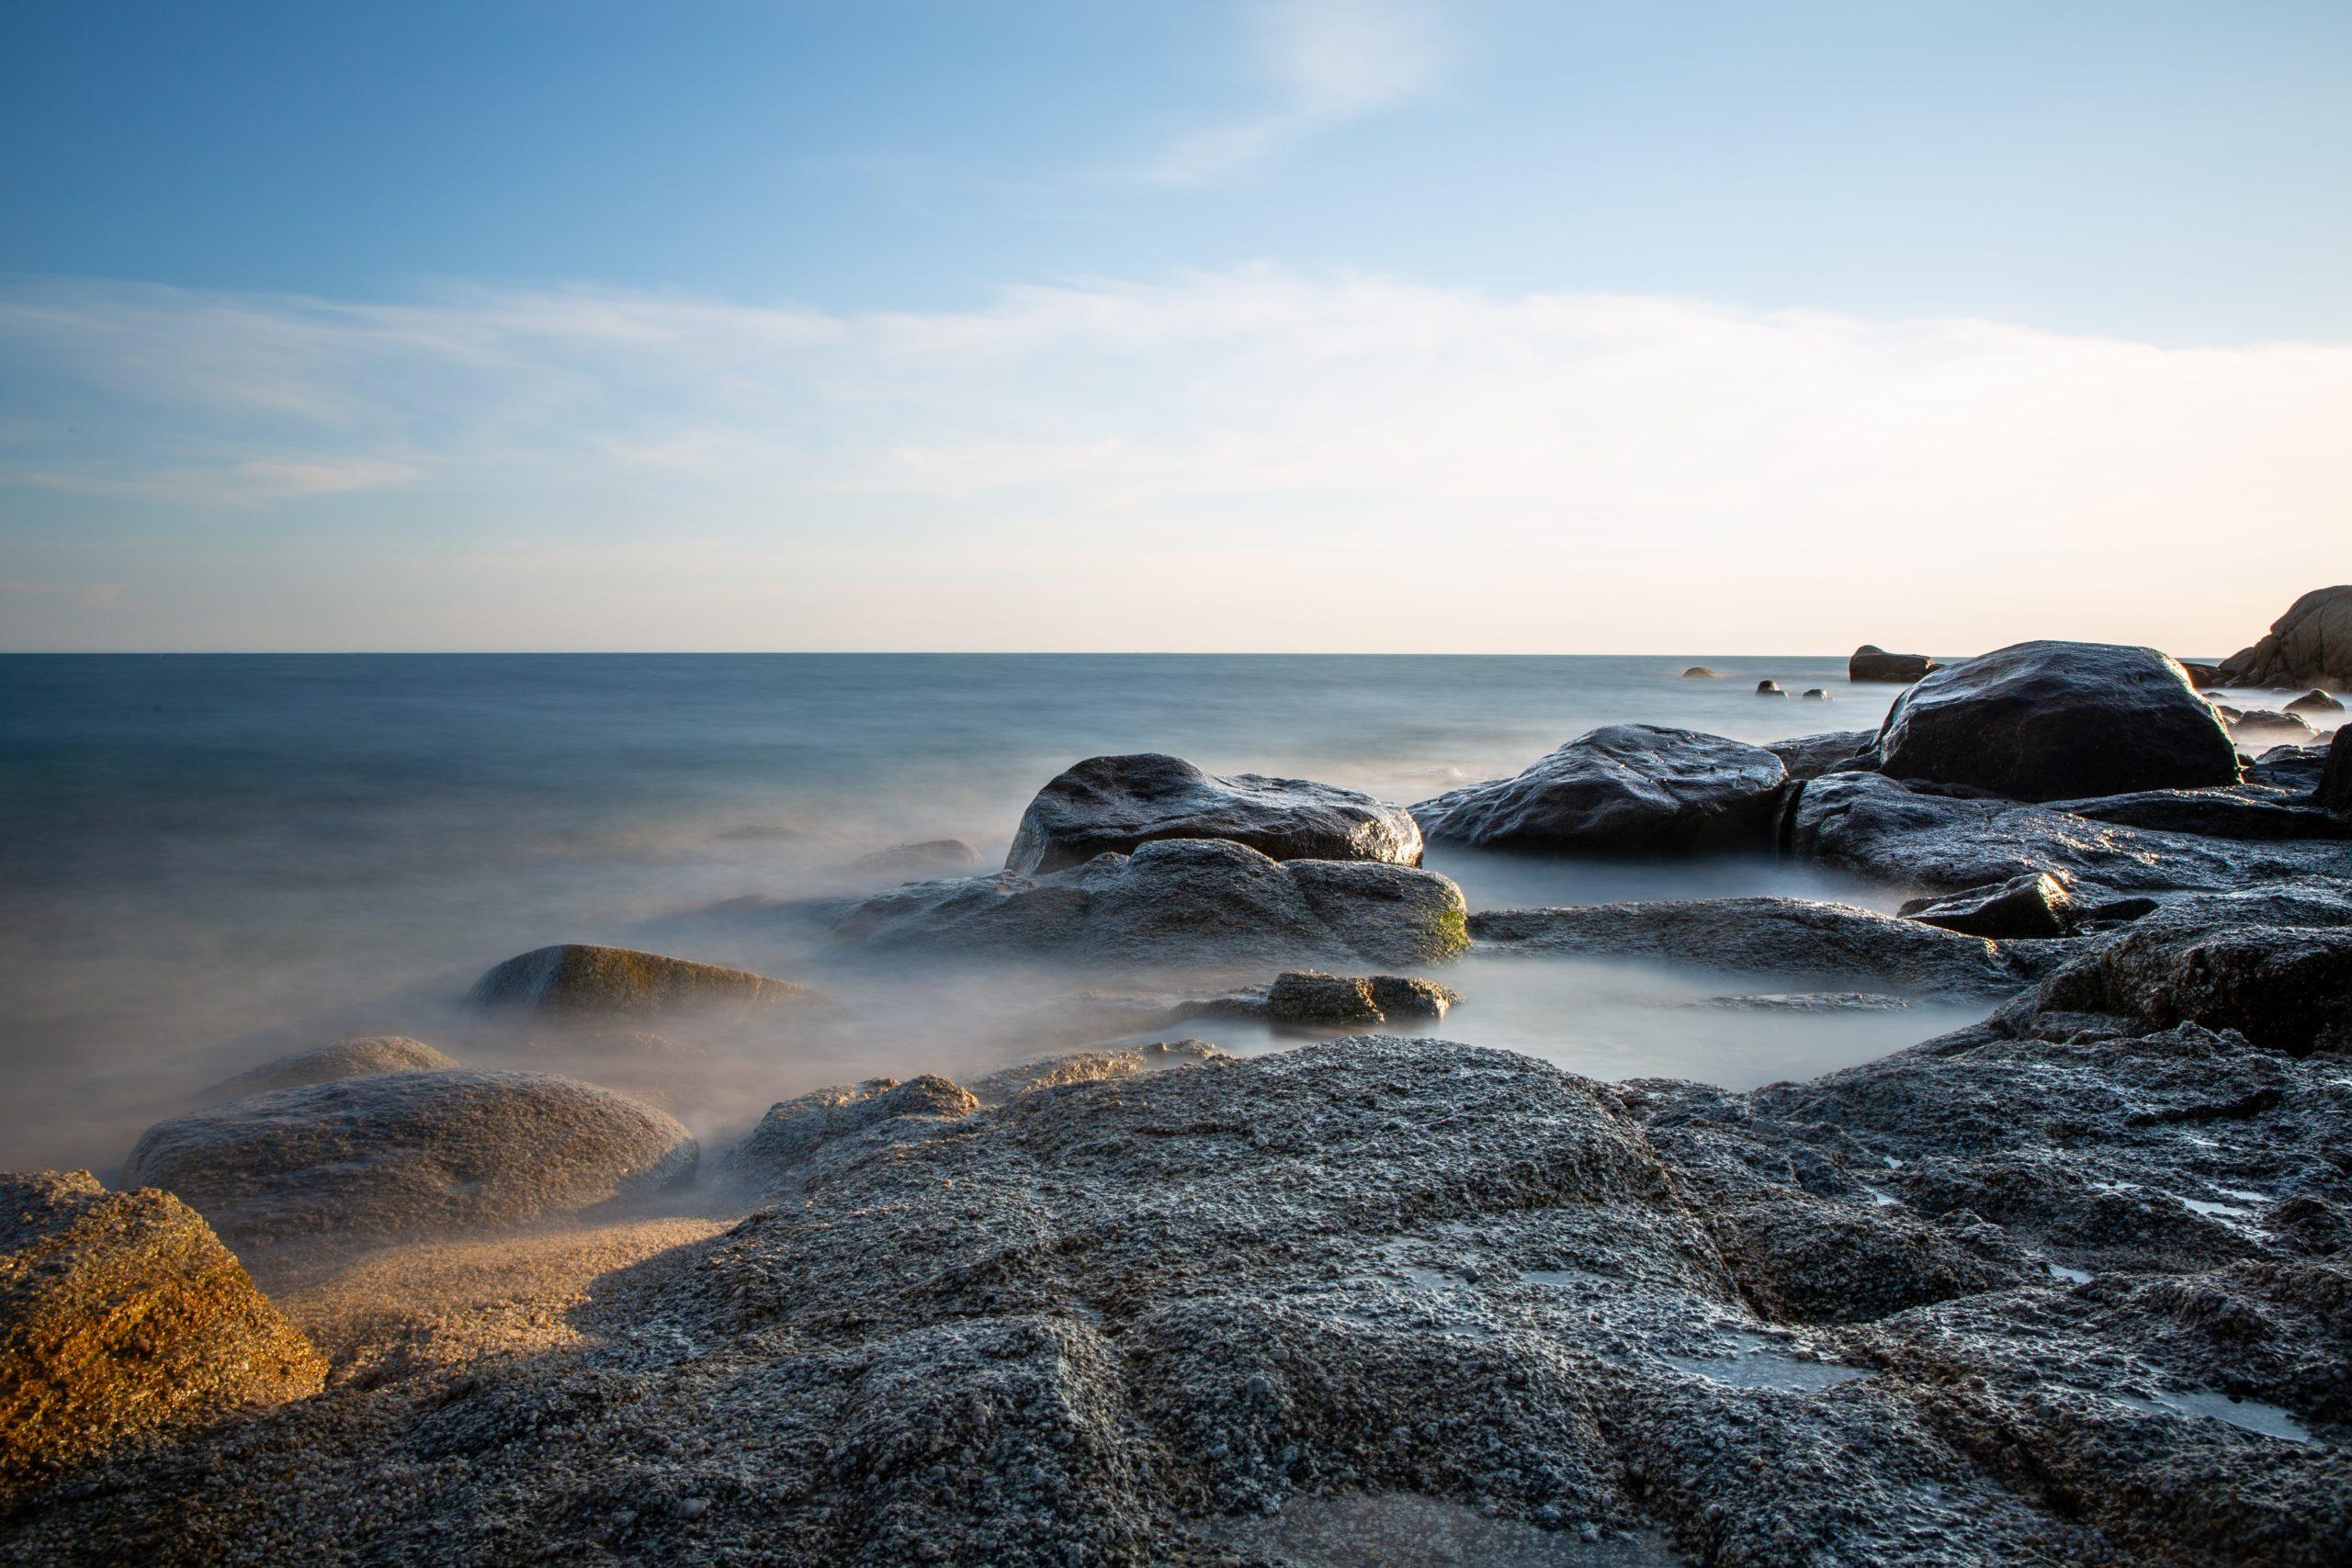 Vue sur la mer en Bretagne, sur les côtes